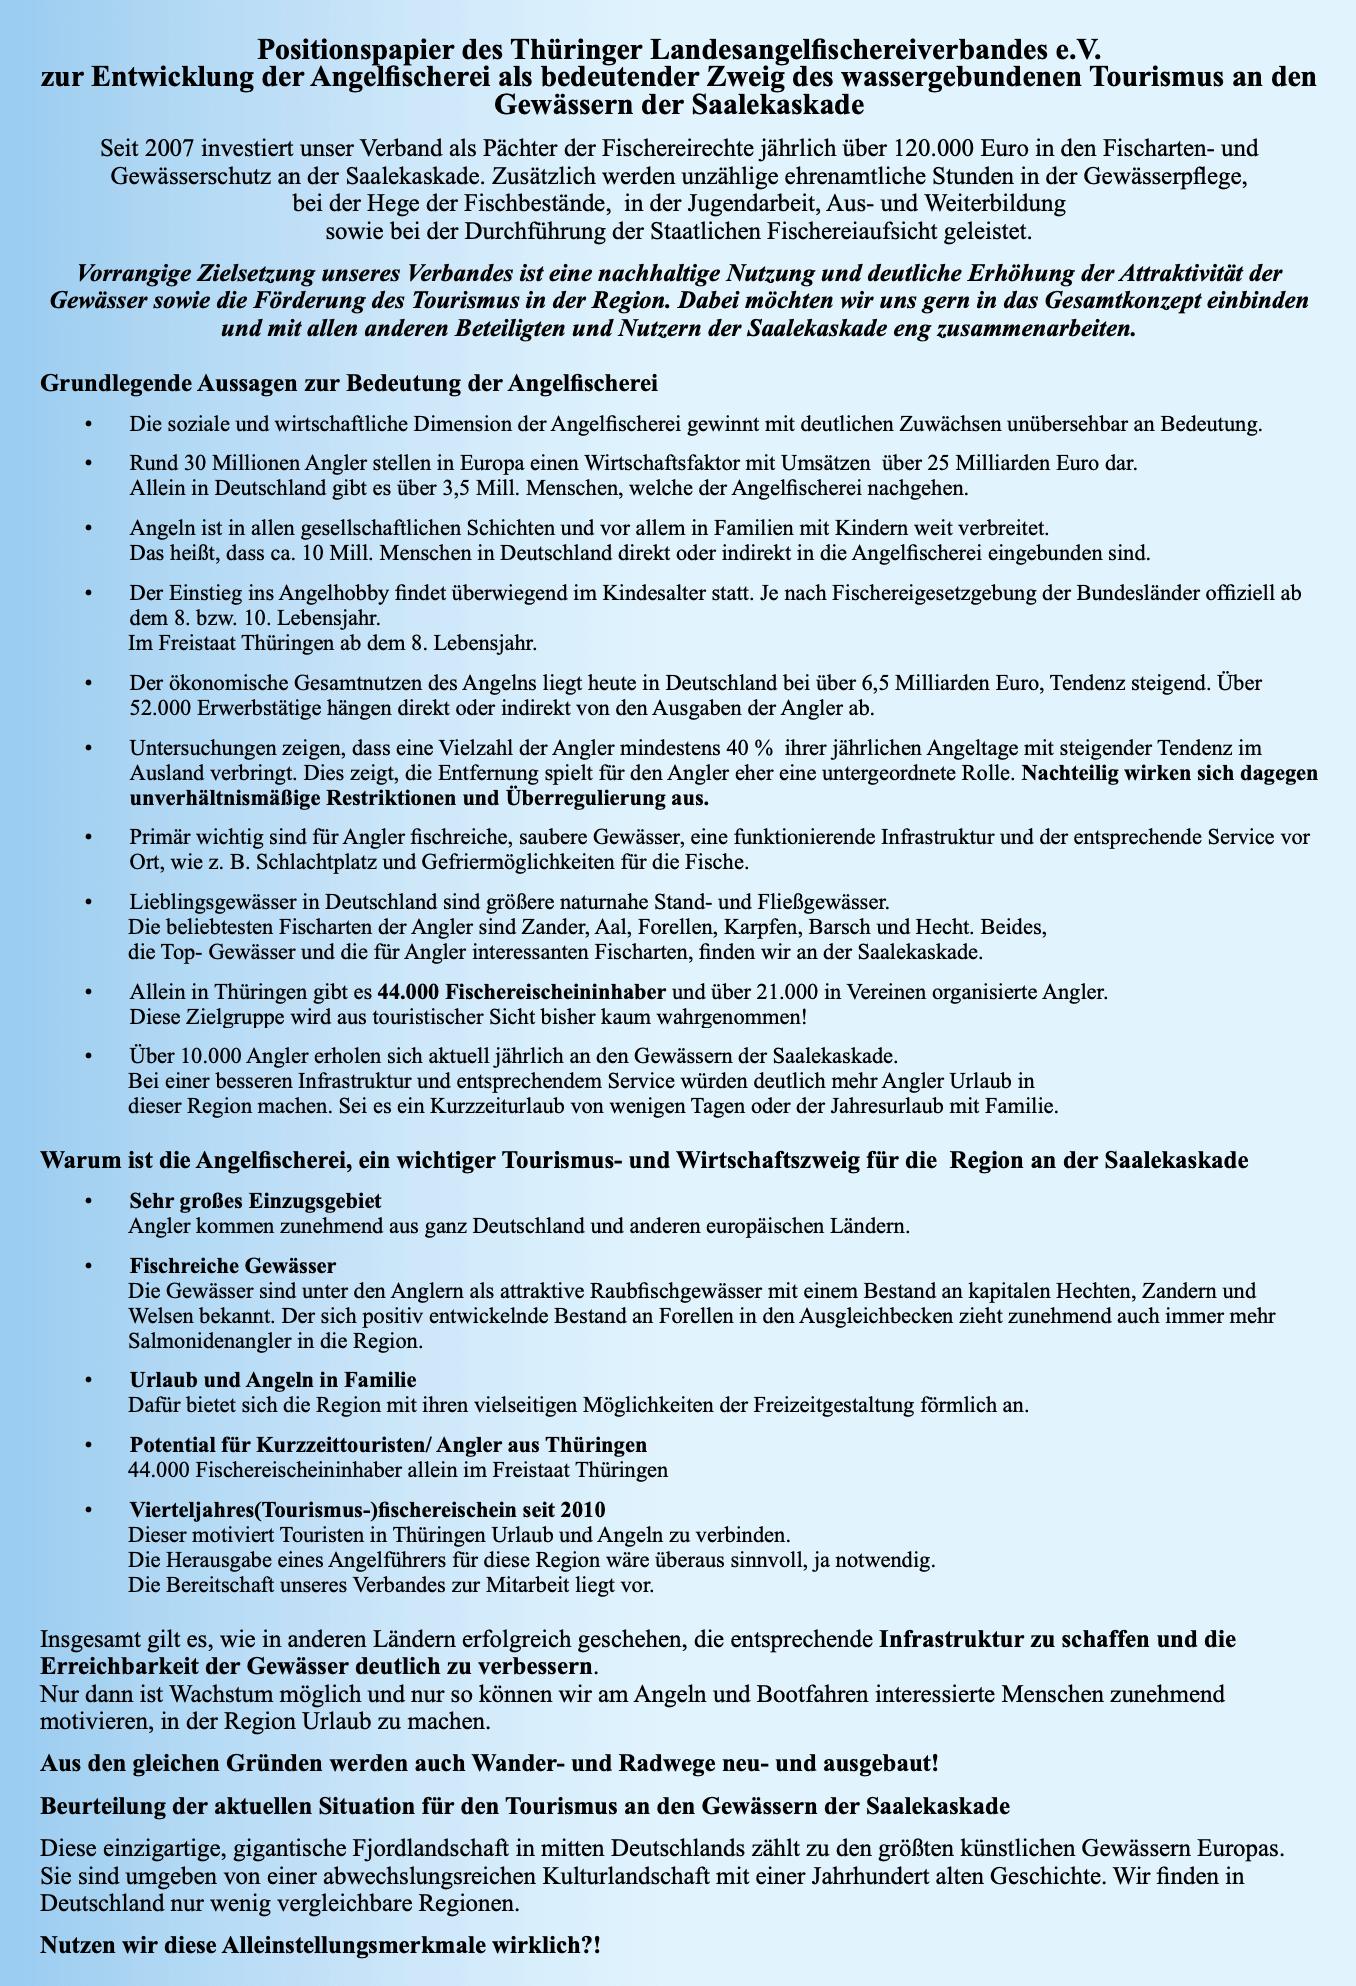 Positionspapier des Thüringer Landesangelfischereiverbandes e.V. zur Entwicklung der Angelfischerei